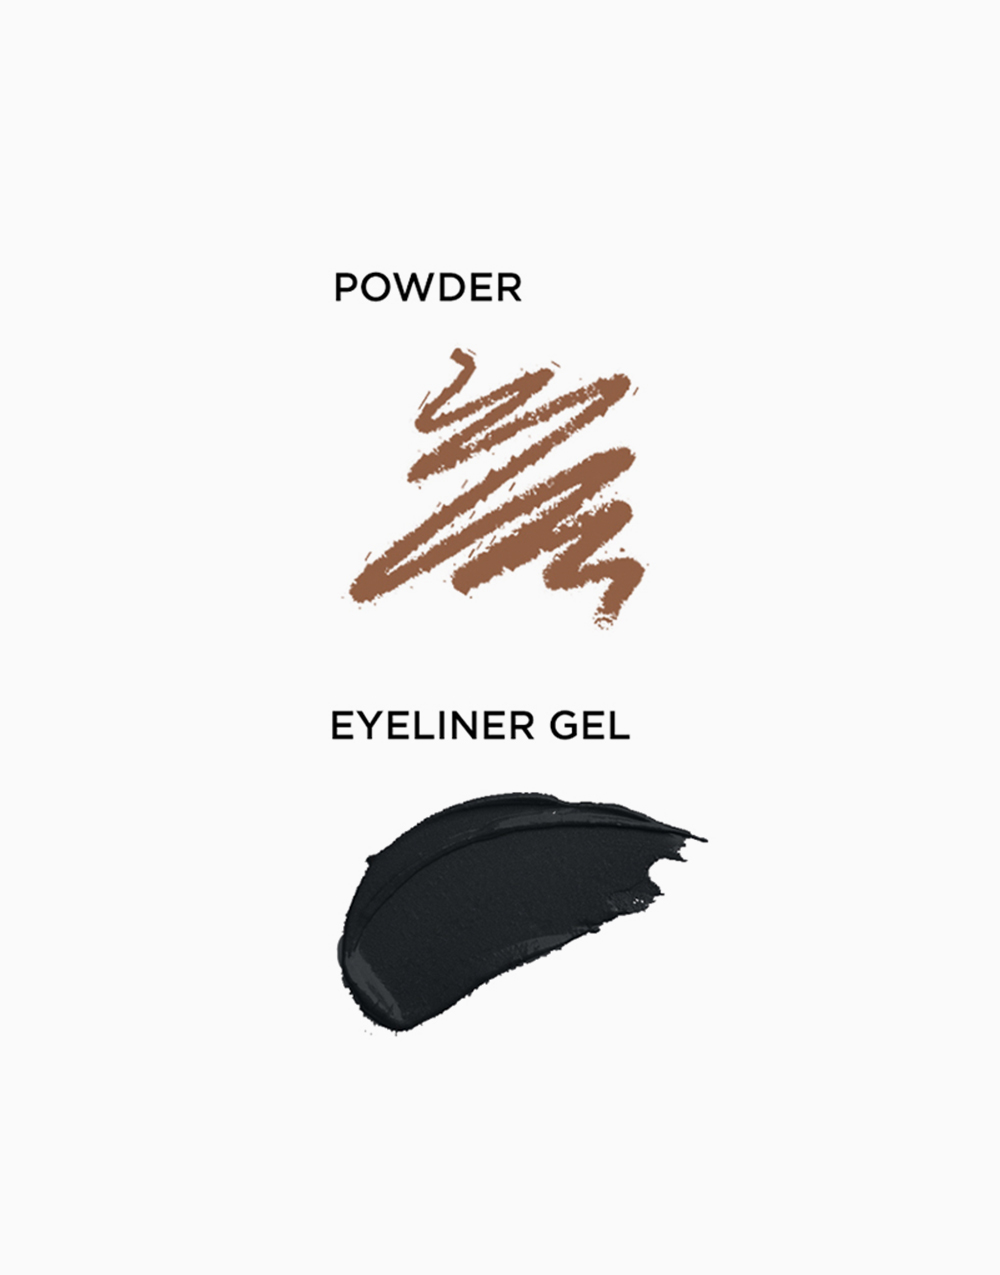 Eyebrow & Eyeliner Gel by Shawill Cosmetics  